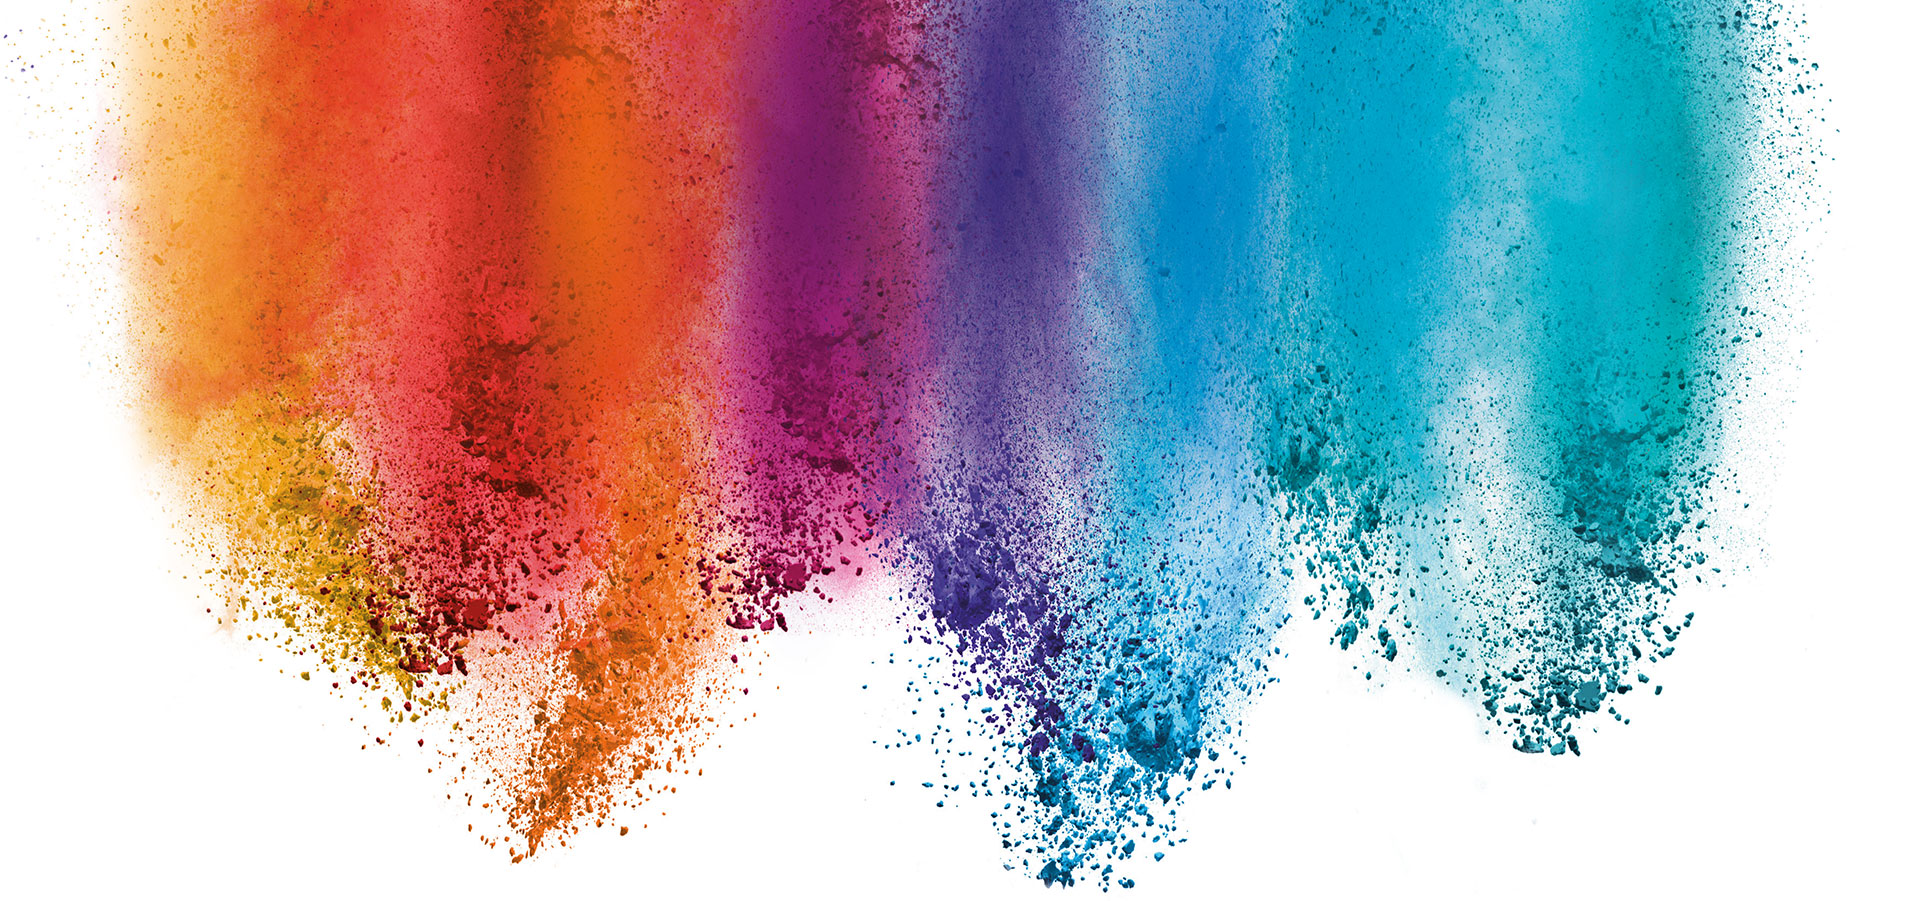 Rainbow smear artwork